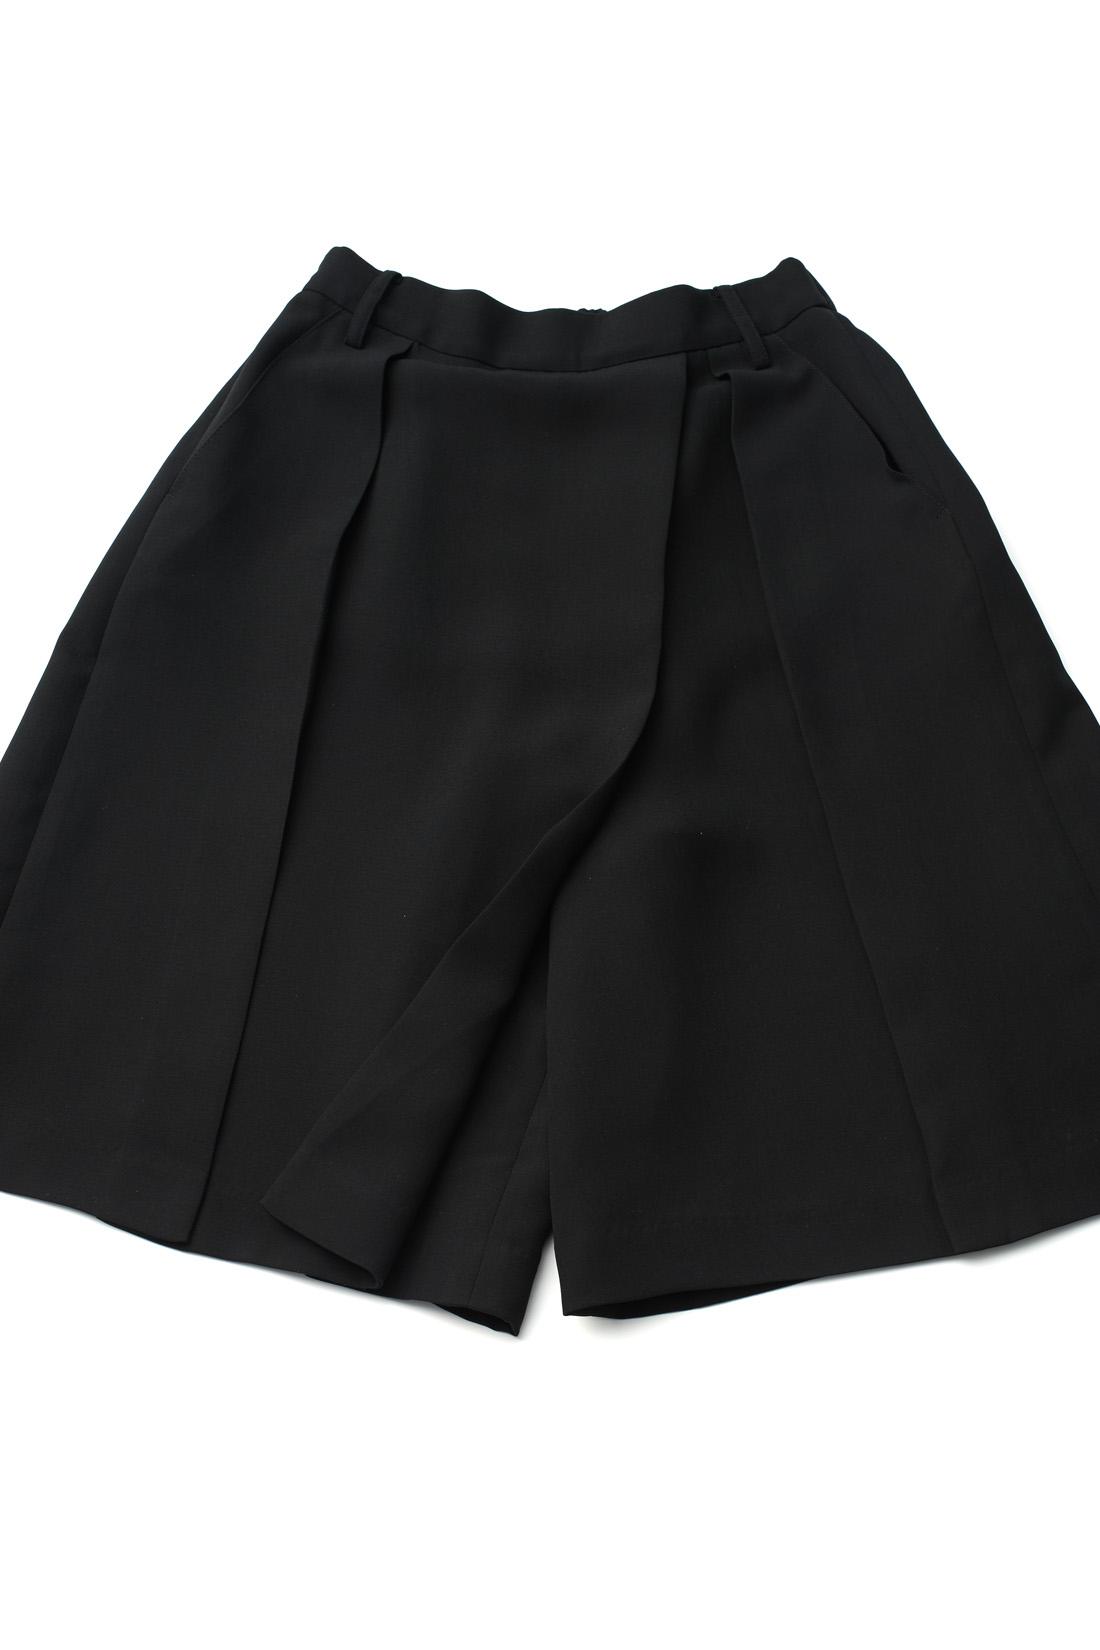 パンツ仕様はタックで隠れているから本当にスカートみたい。